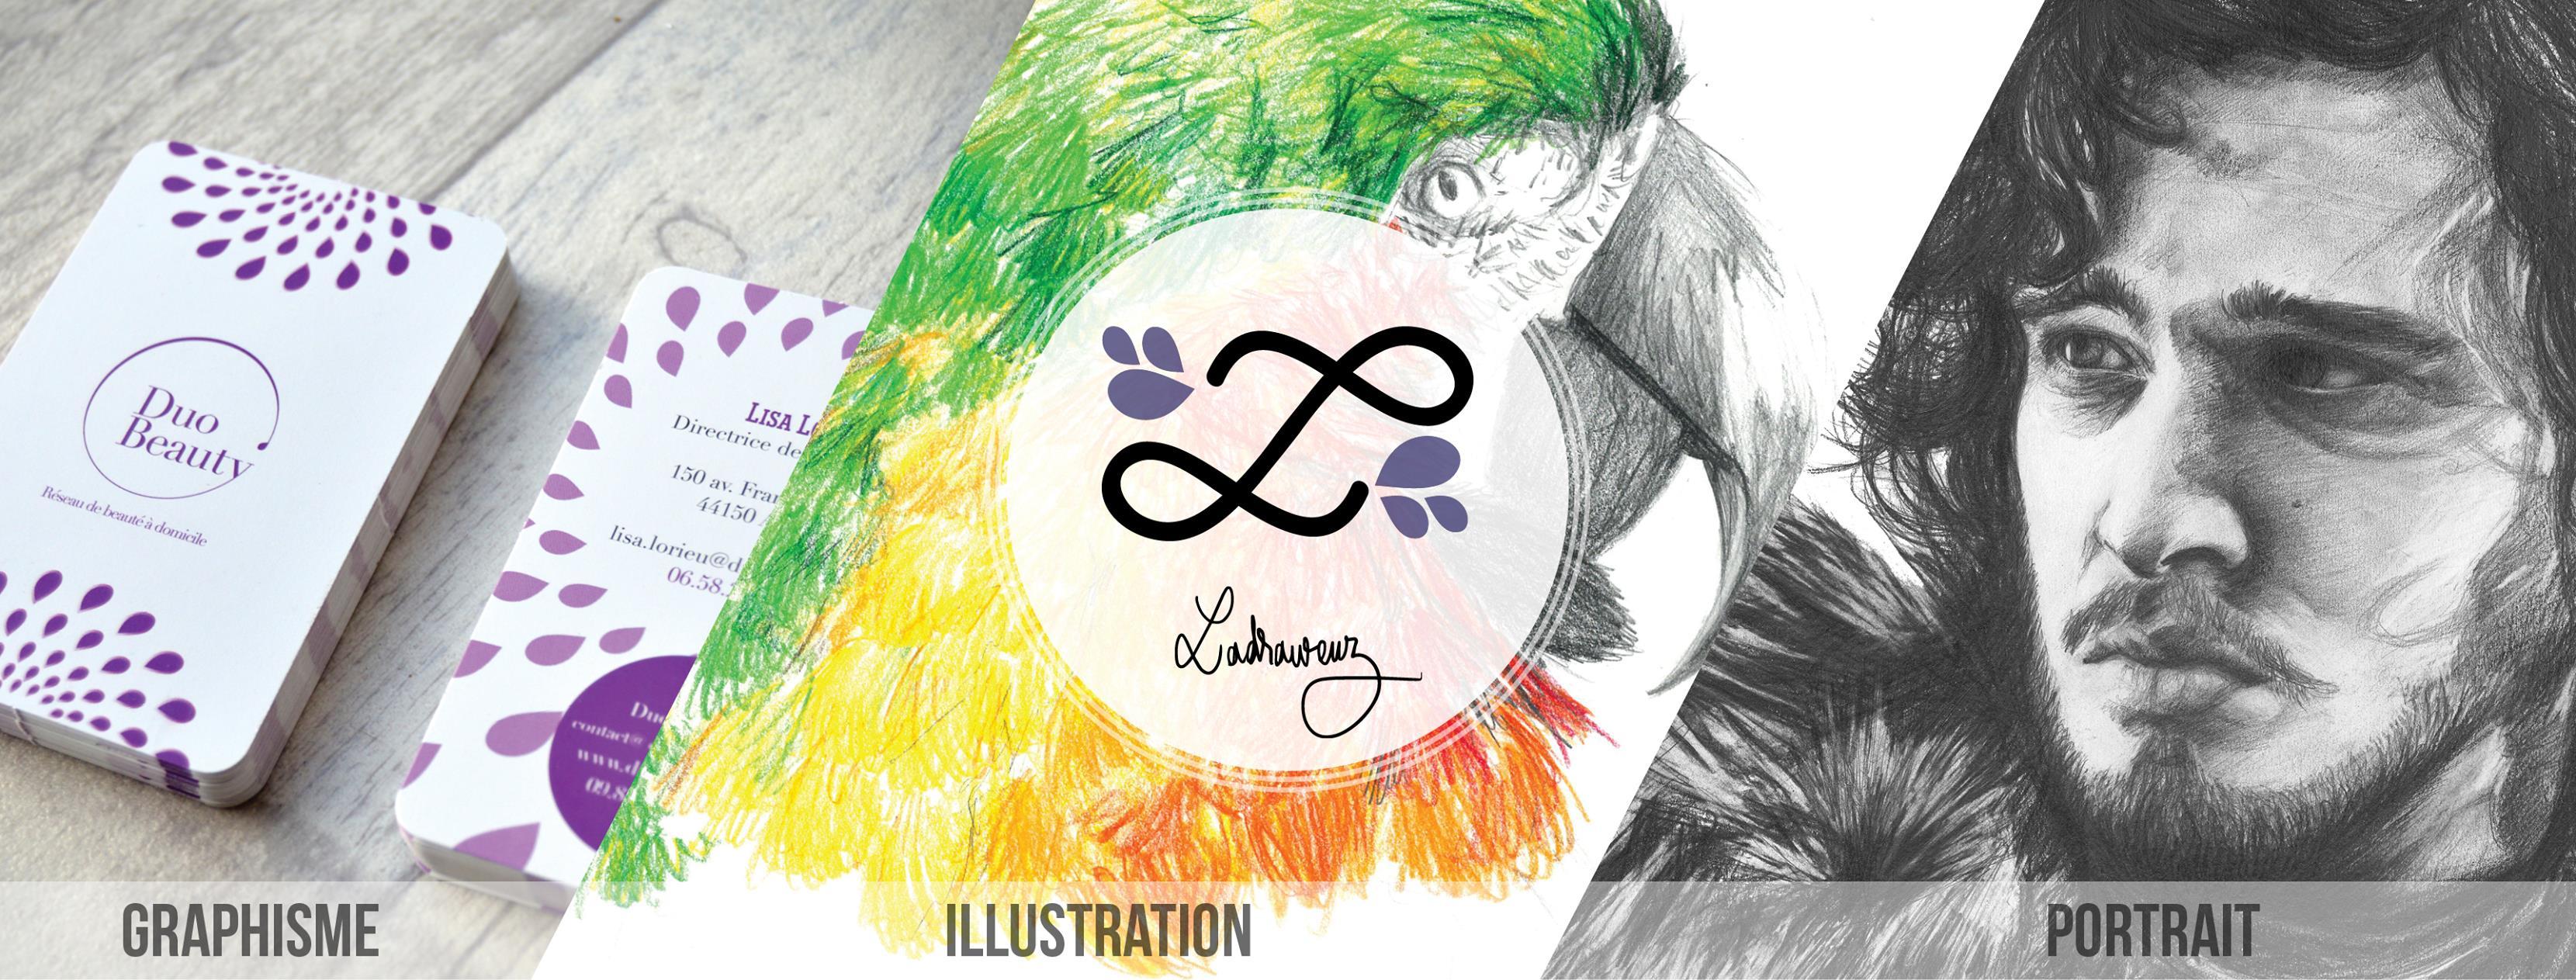 L'art visuel, une passion très forte pour ladraweuz !